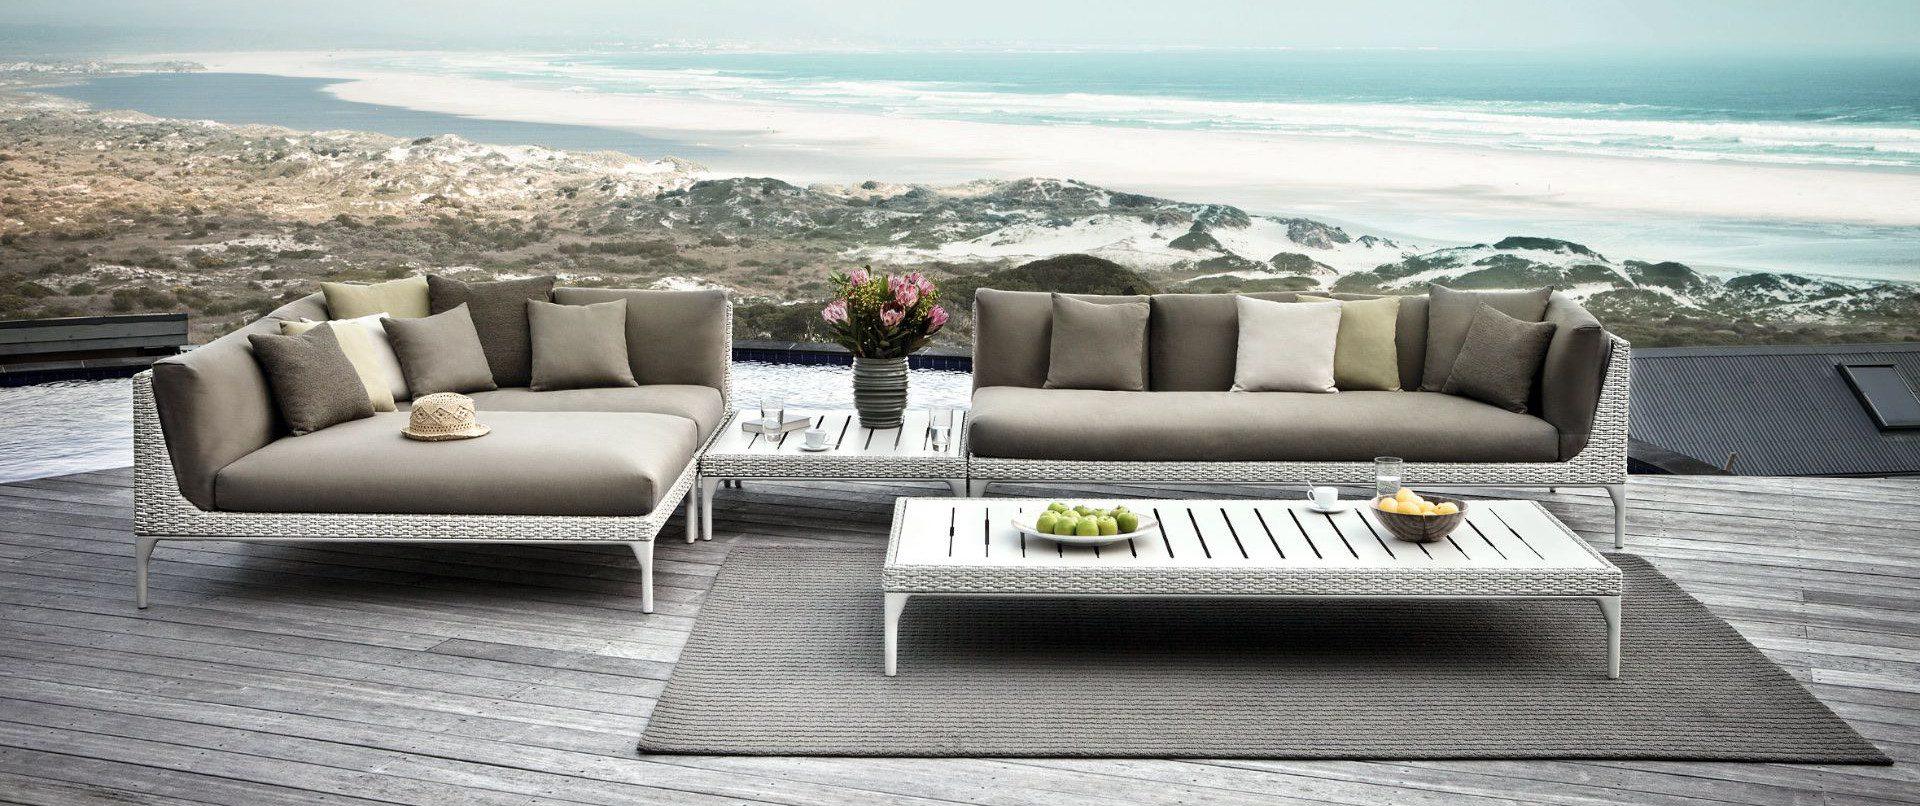 exklusive gartenm bel f r ihren pers nlichen r ckzugsort. Black Bedroom Furniture Sets. Home Design Ideas